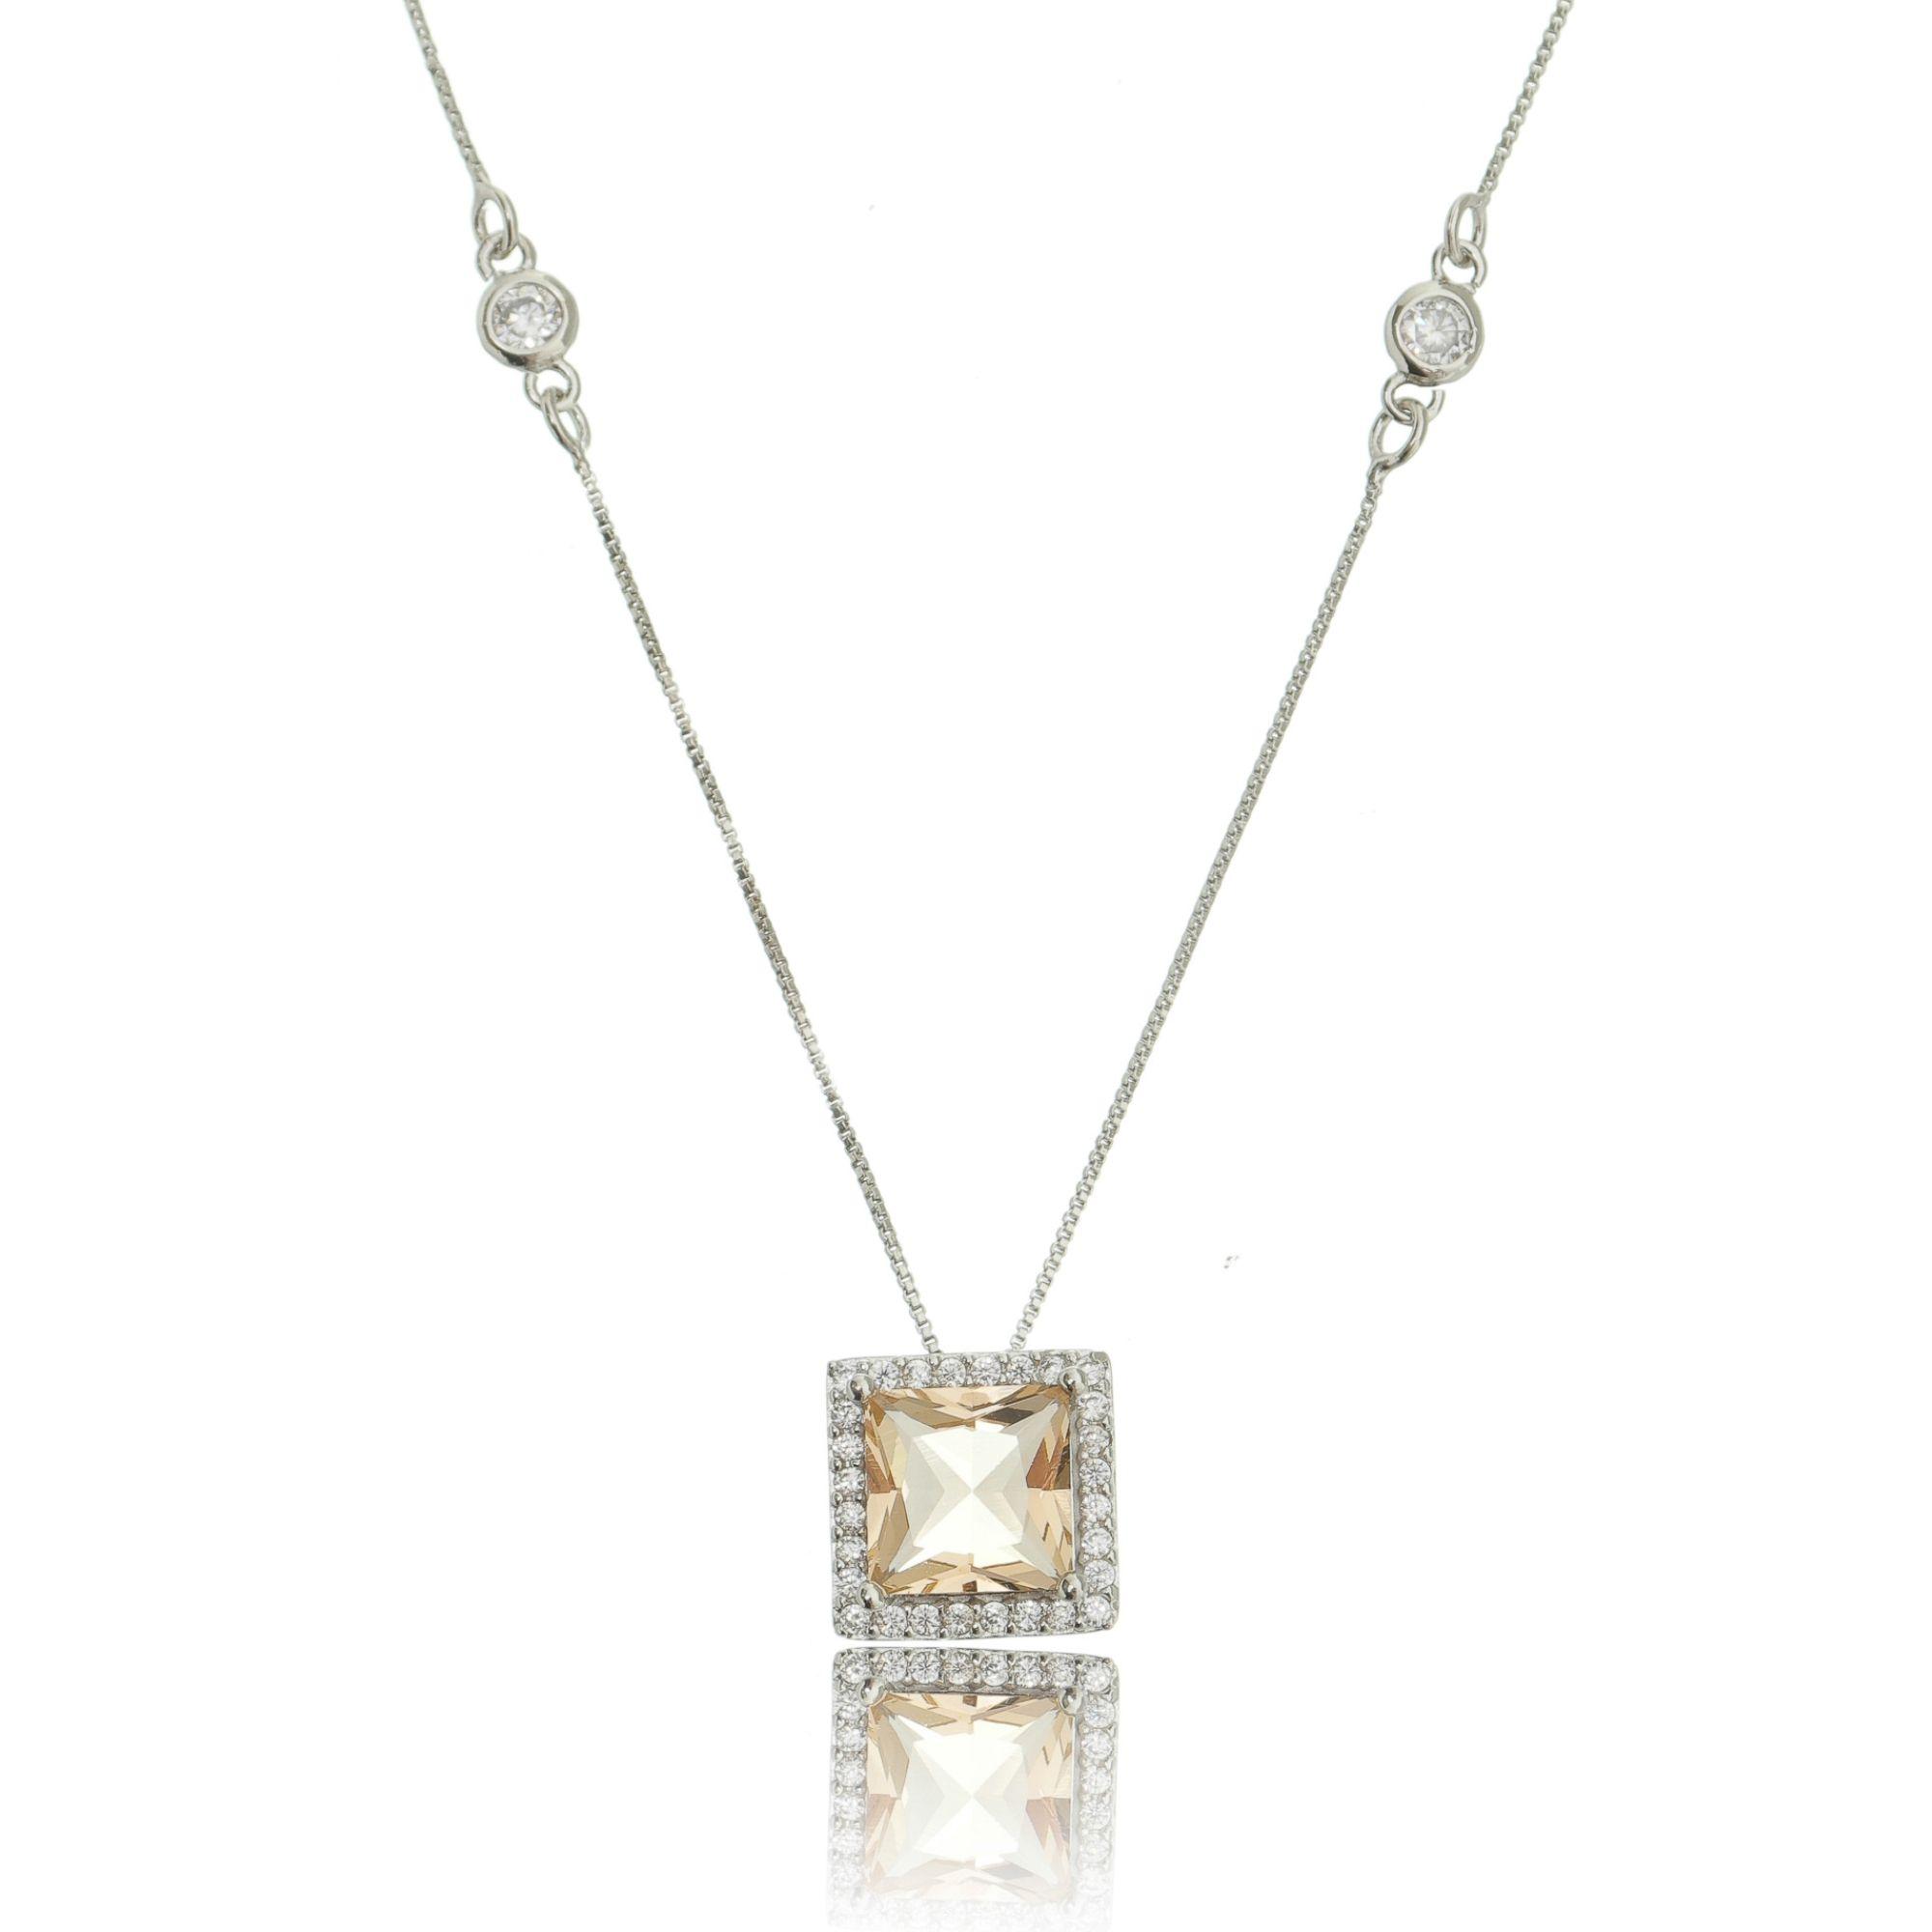 Colar Morganita com Zircônia Cristal Corrente 4 Pontos de Luz Semijoia Ródio Branco  - Soloyou